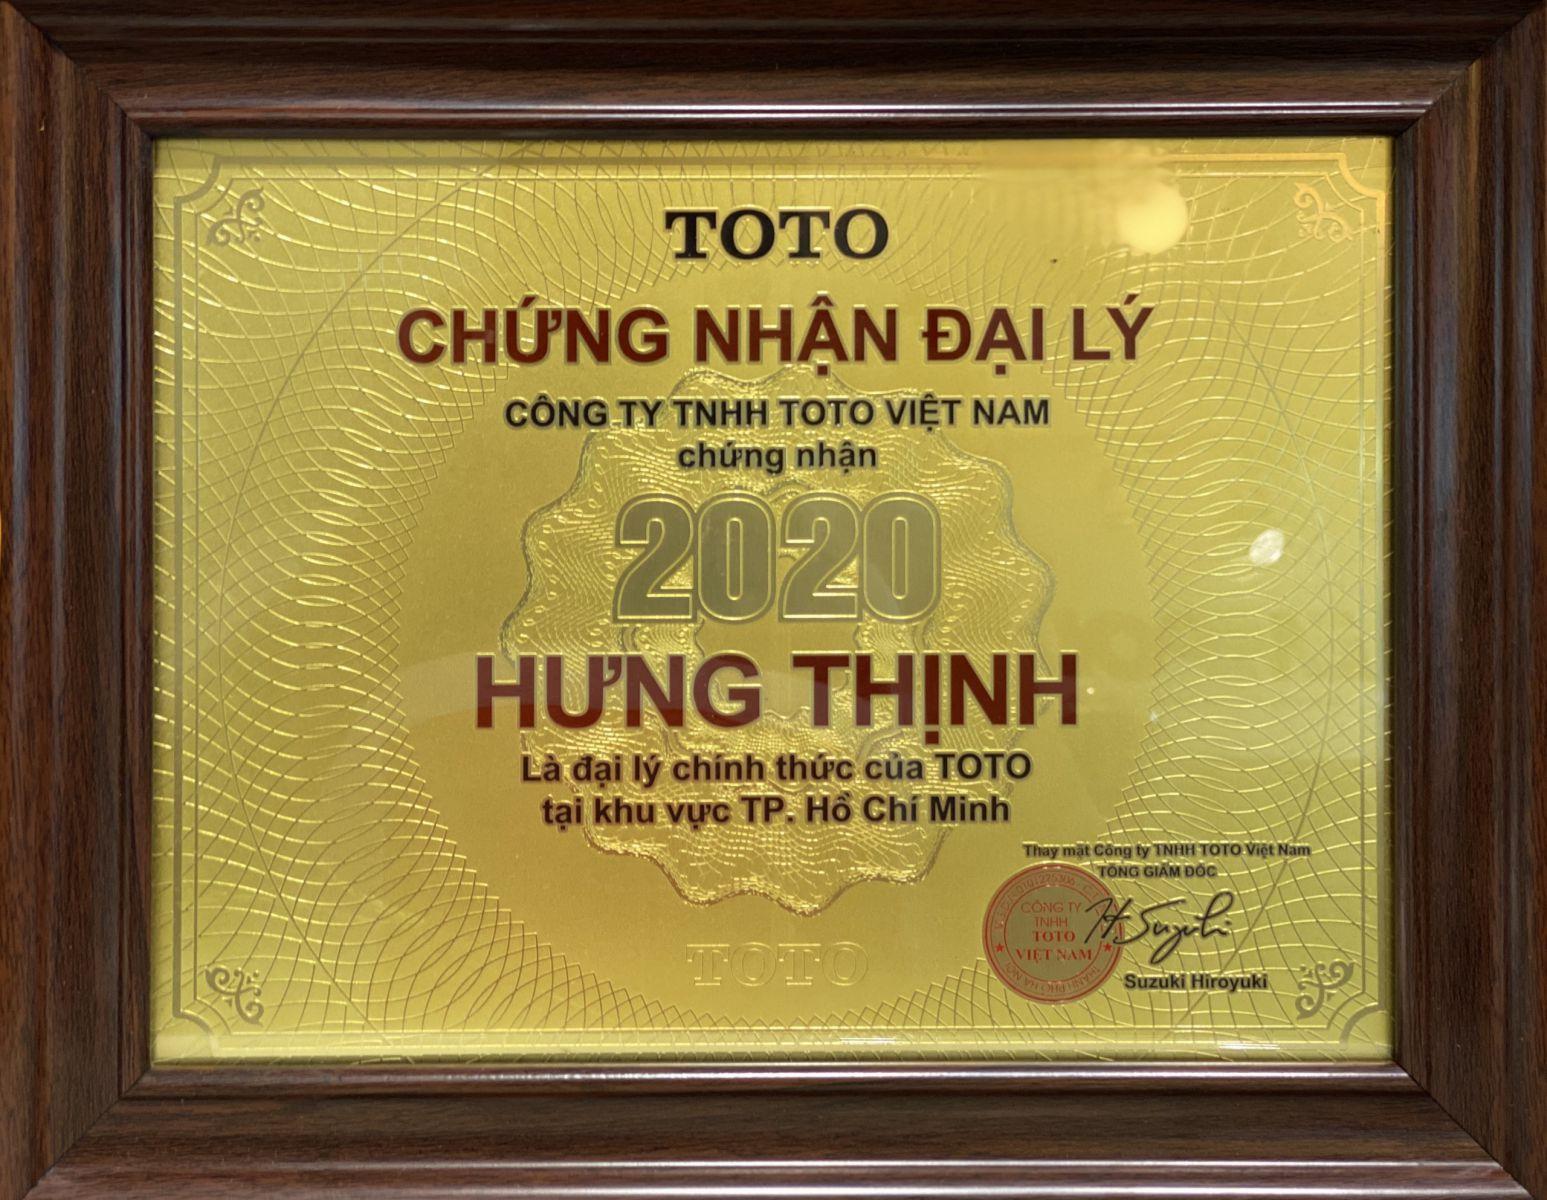 chung nhan toto